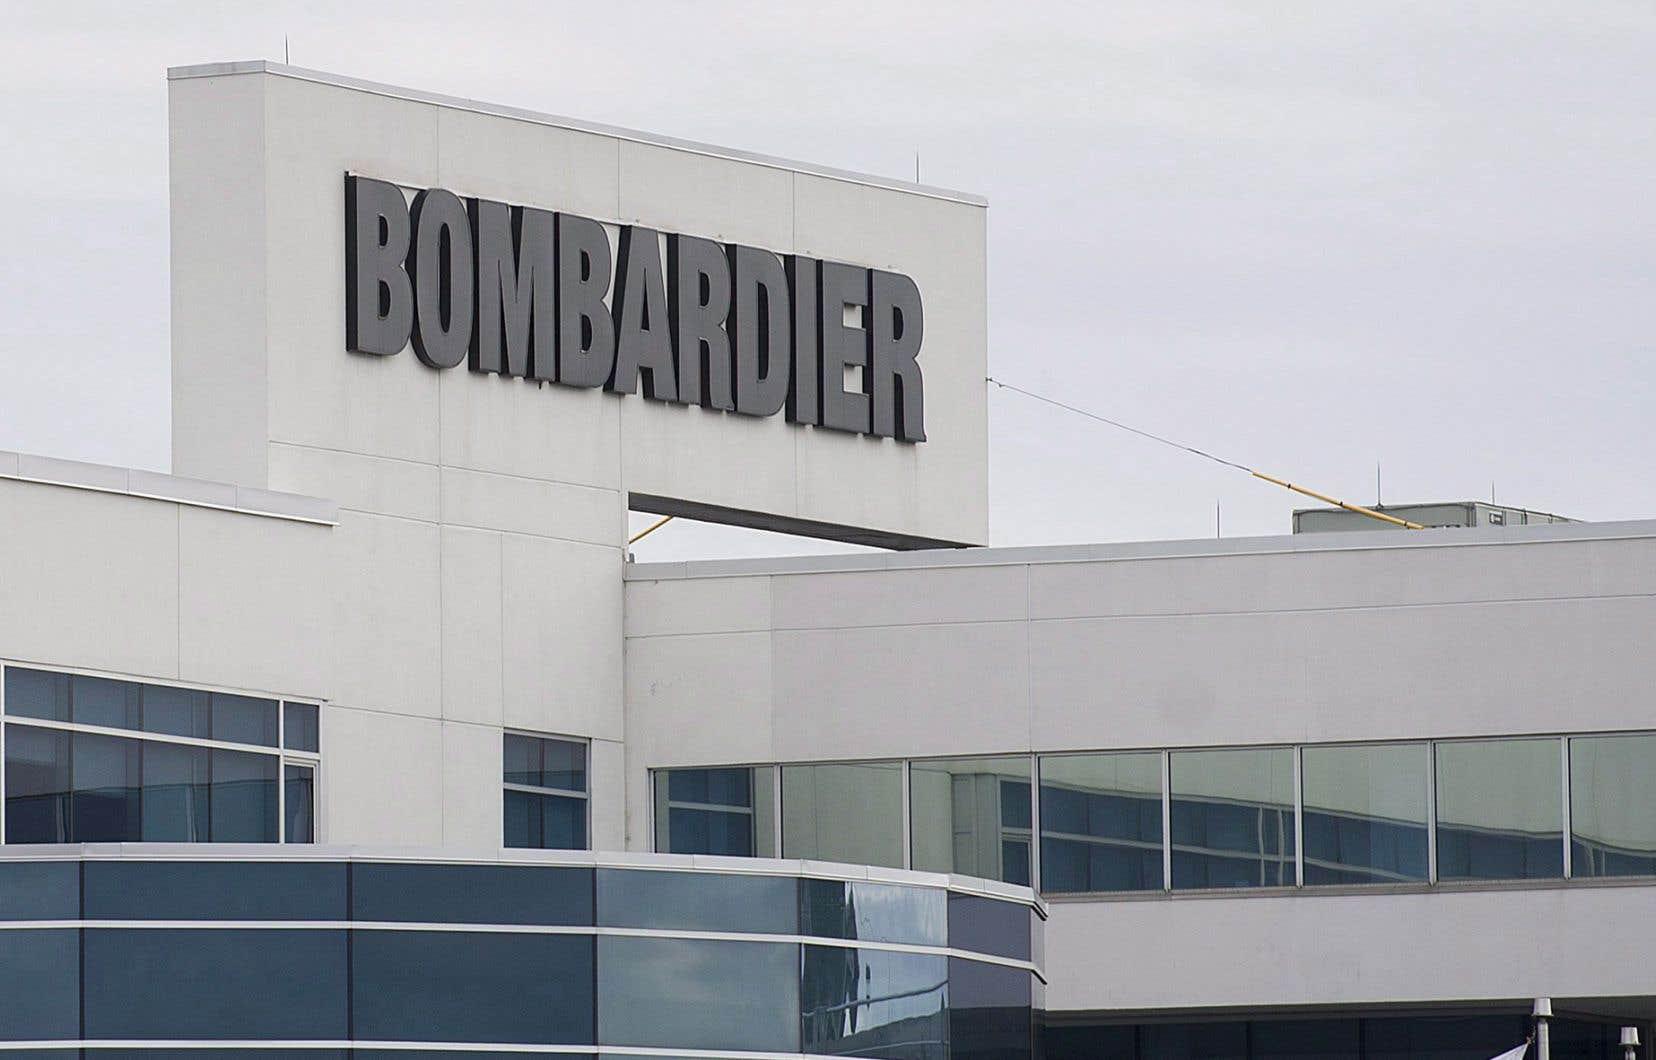 <p>Les licenciements de Bombardierà Thunder Bay ont donné lieu à une querelle politique en Ontario, où le gouvernement Ford et Ottawa se sont échangés des critiques.</p>